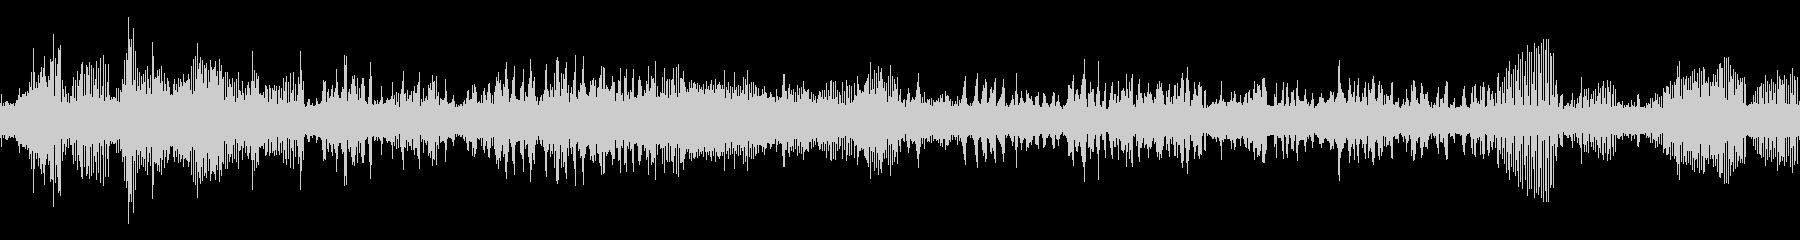 カジカガエルの鳴き声(ループ)の未再生の波形